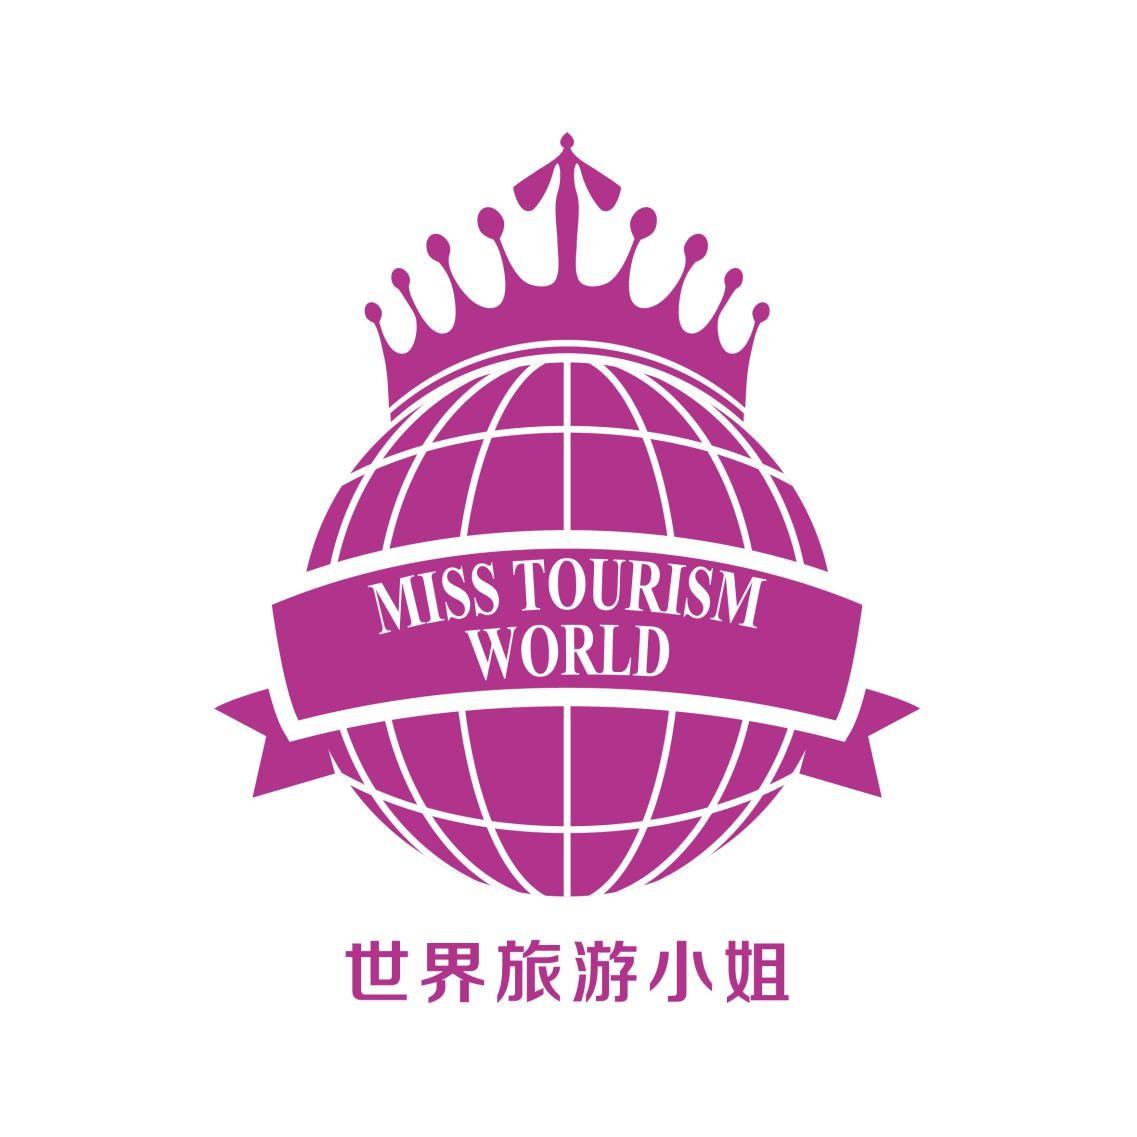 兴文石海2017世界旅游小姐中国区总决赛盛大启动_娱乐